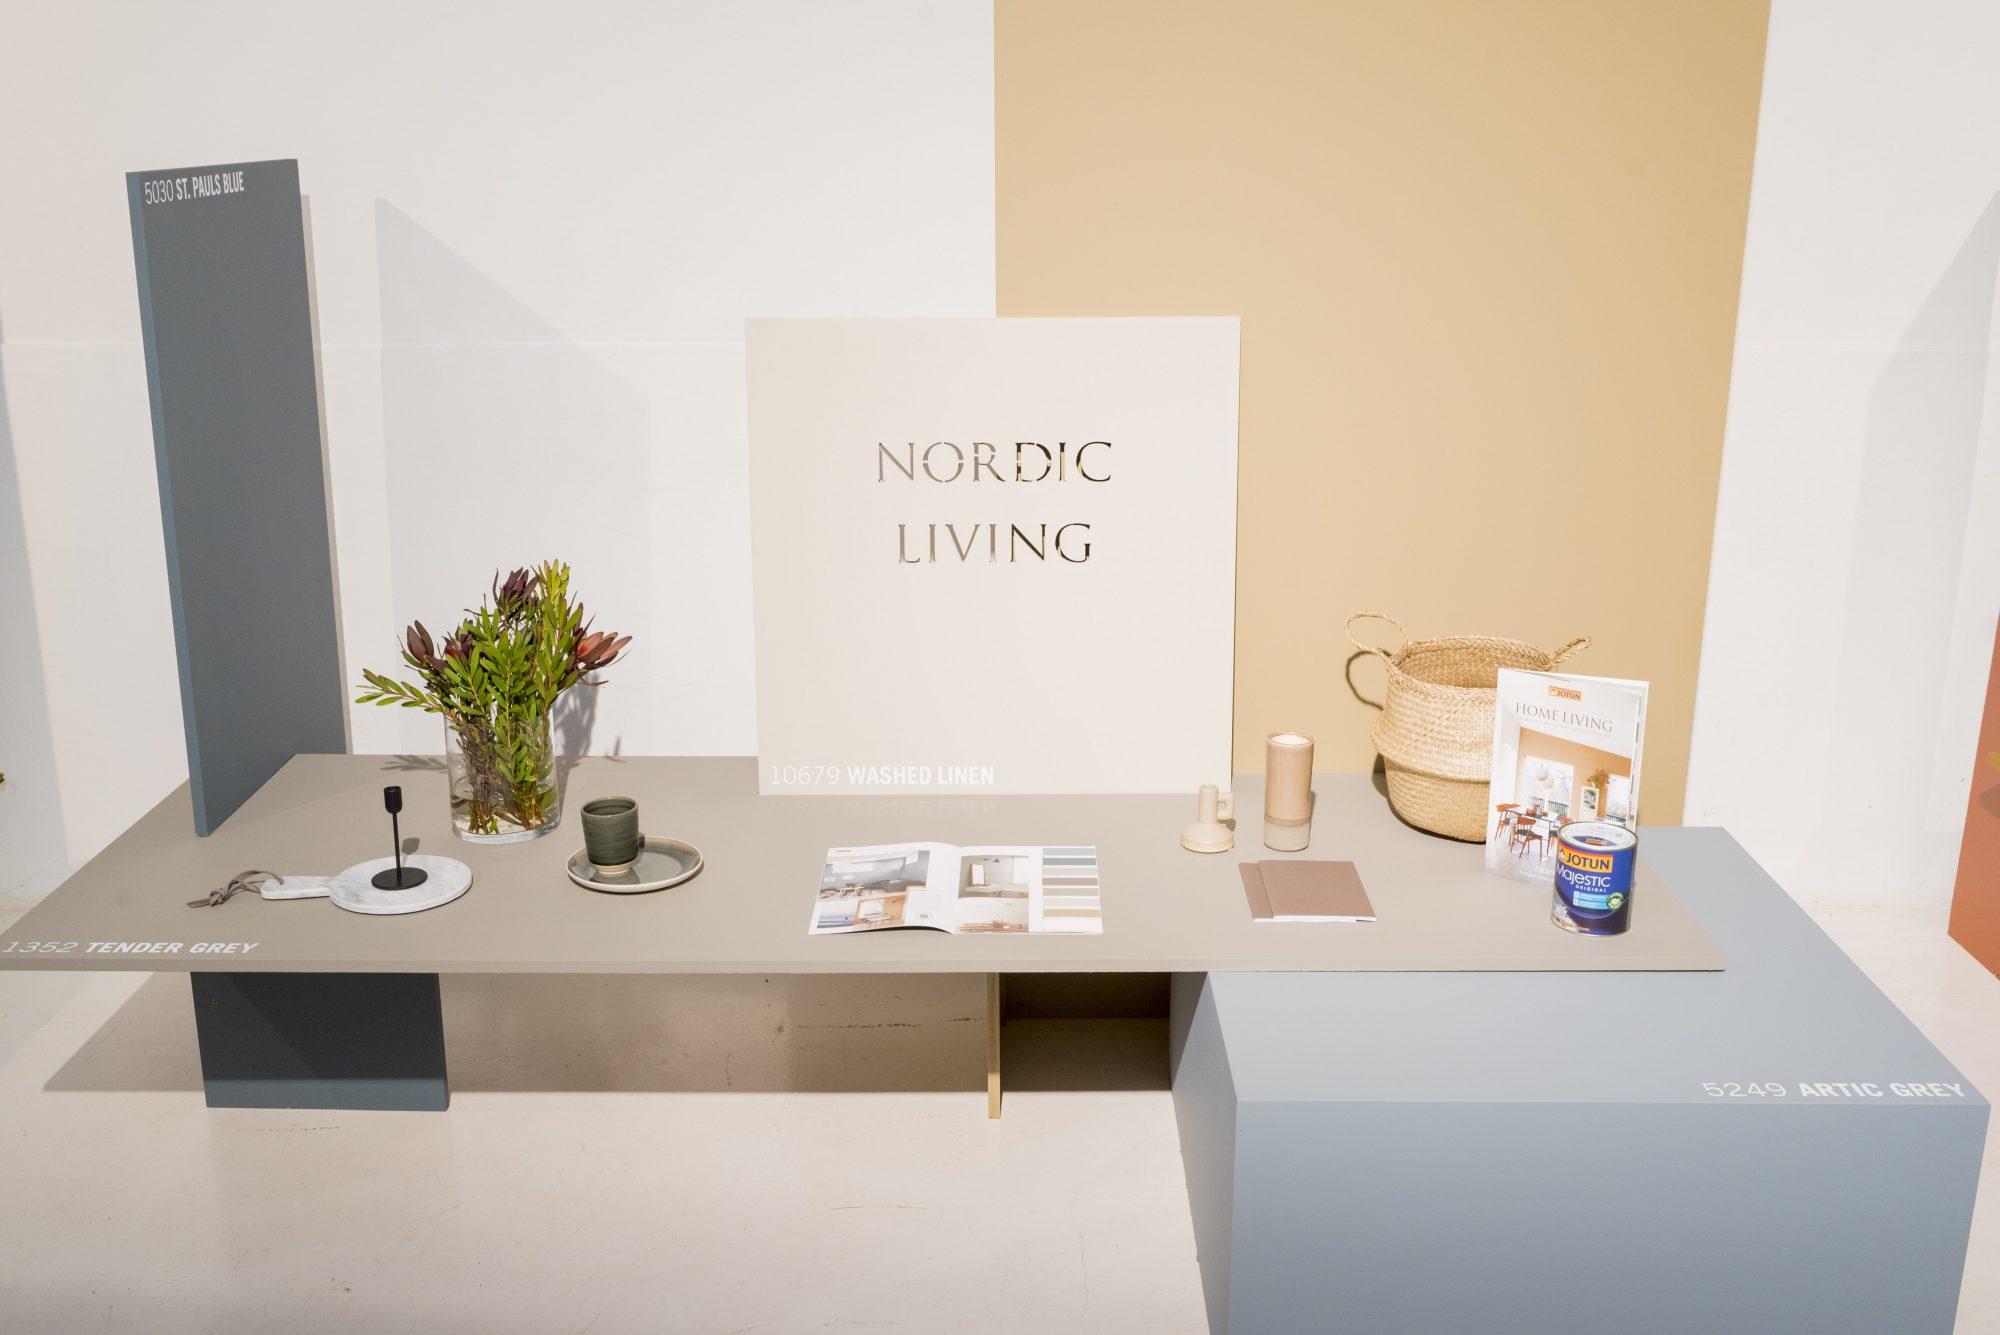 Nordic Living: aires de naturaleza y relajación